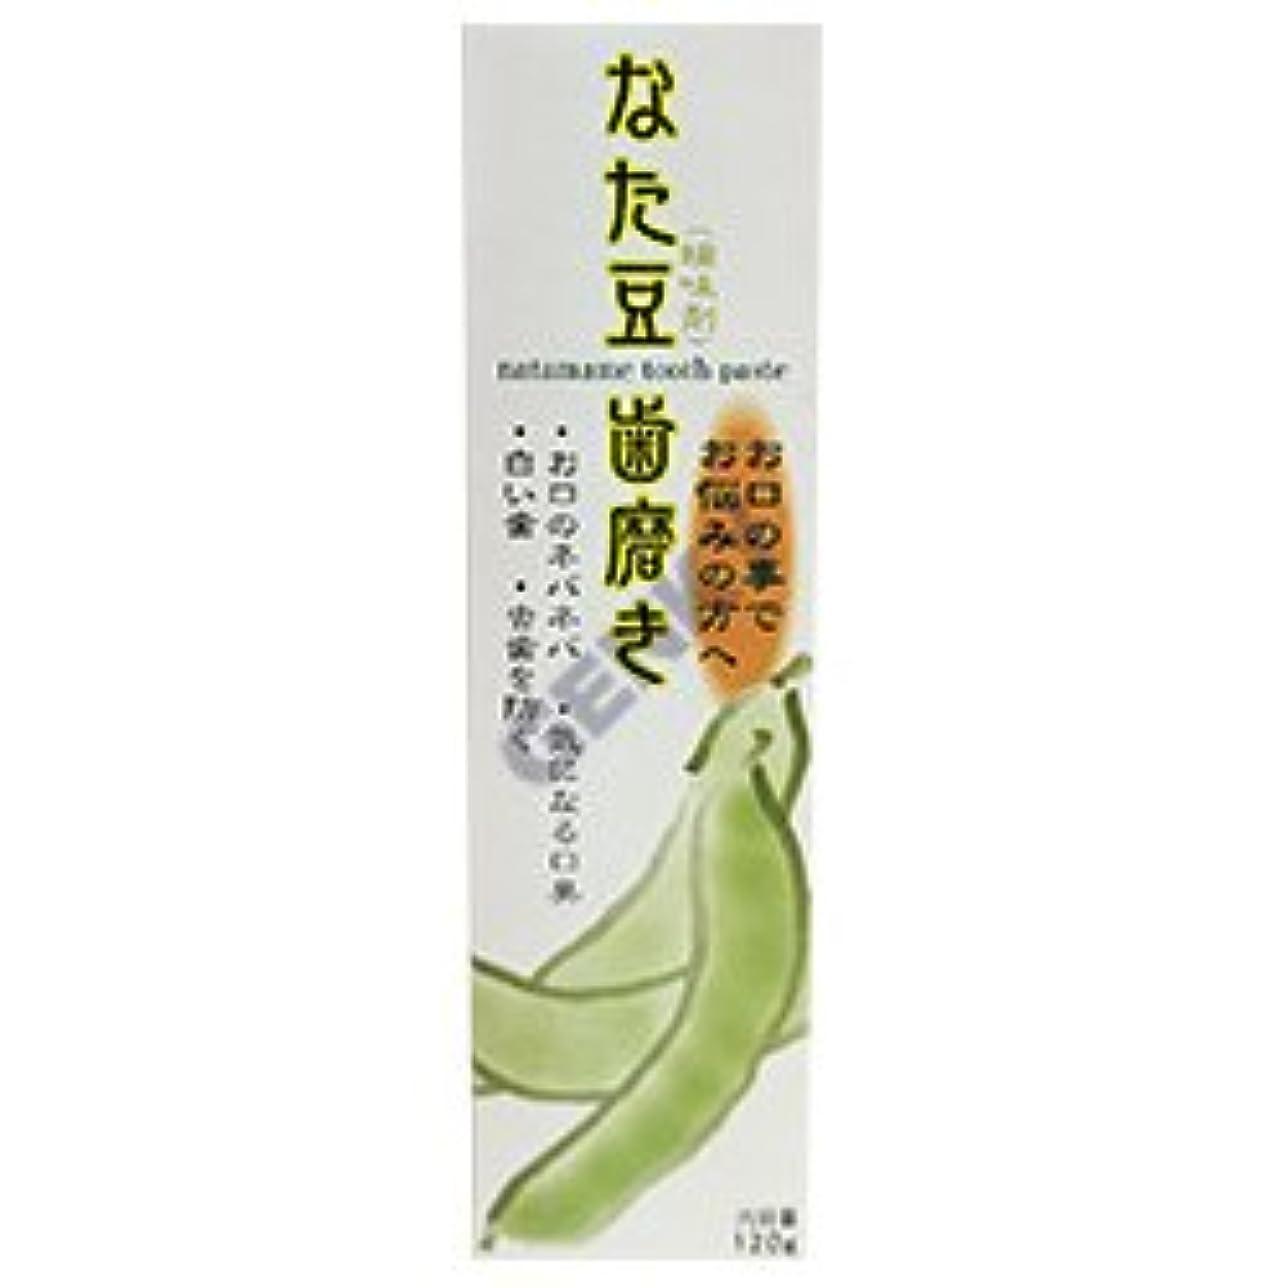 として薬局【モルゲンロート】なた豆歯磨き 120g ×10個セット